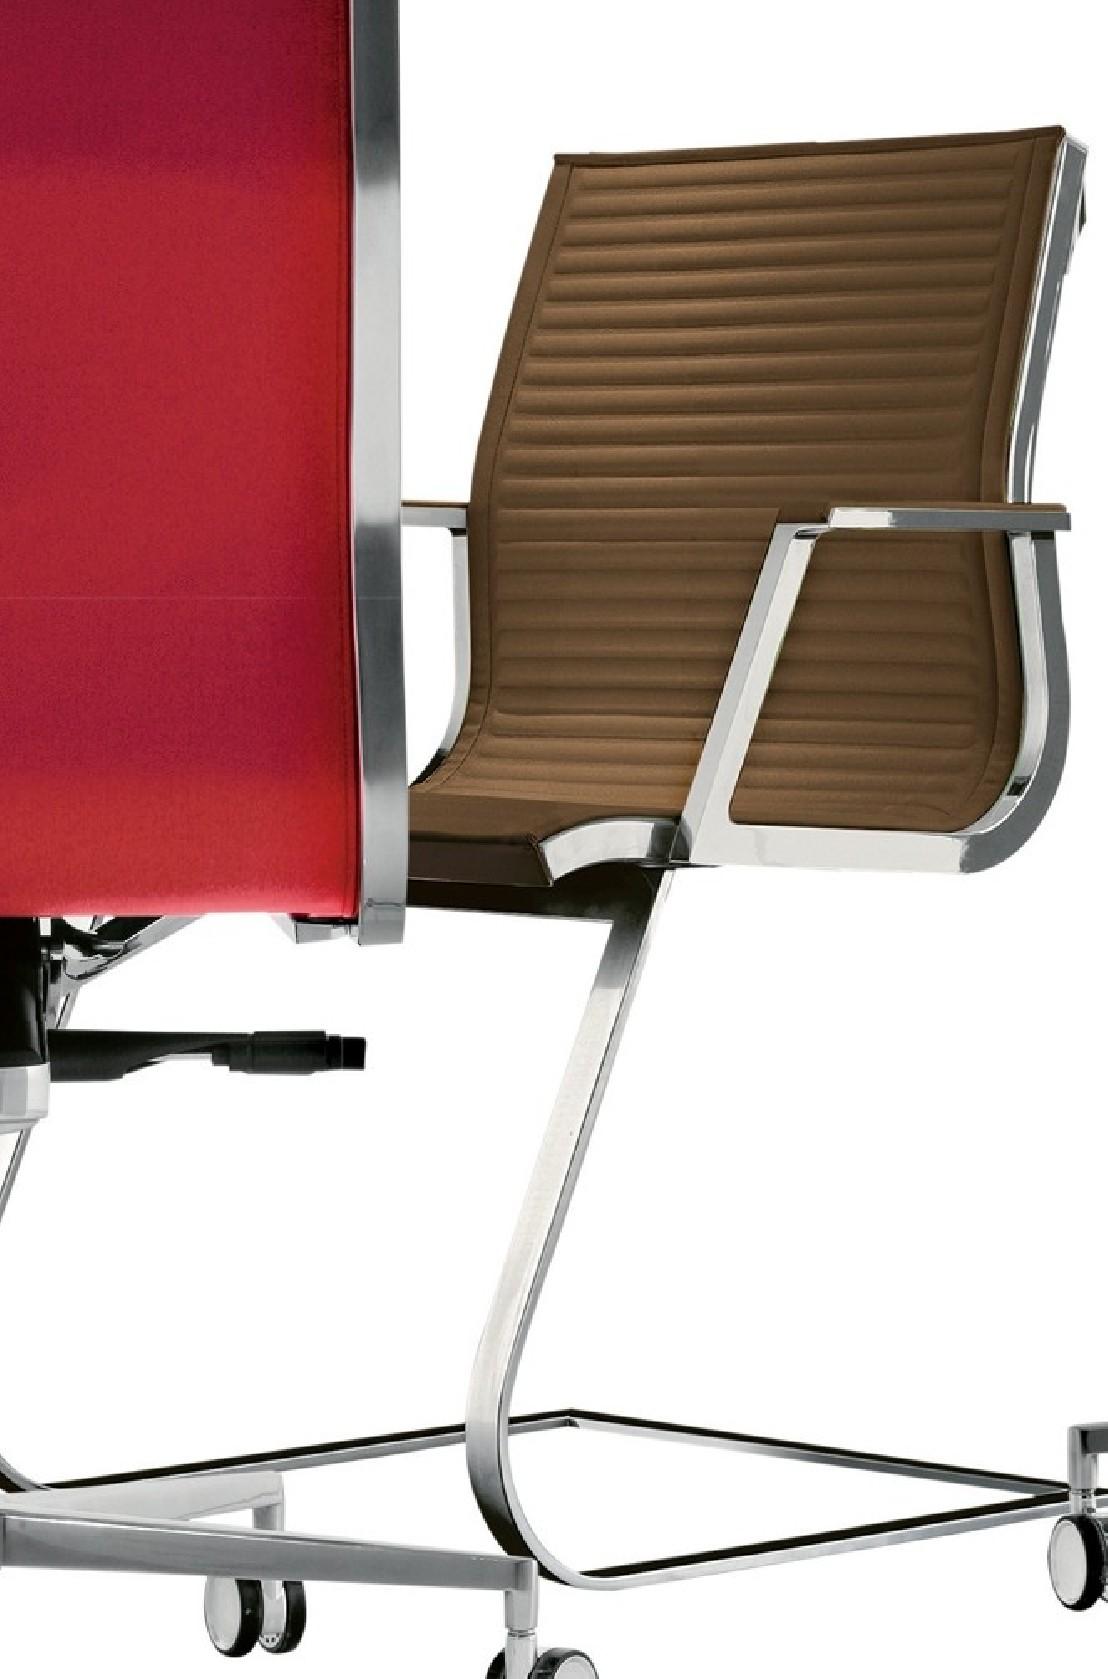 Fauteuil design accoudoirs pied luge en cuir nulite for Copie de fauteuil design